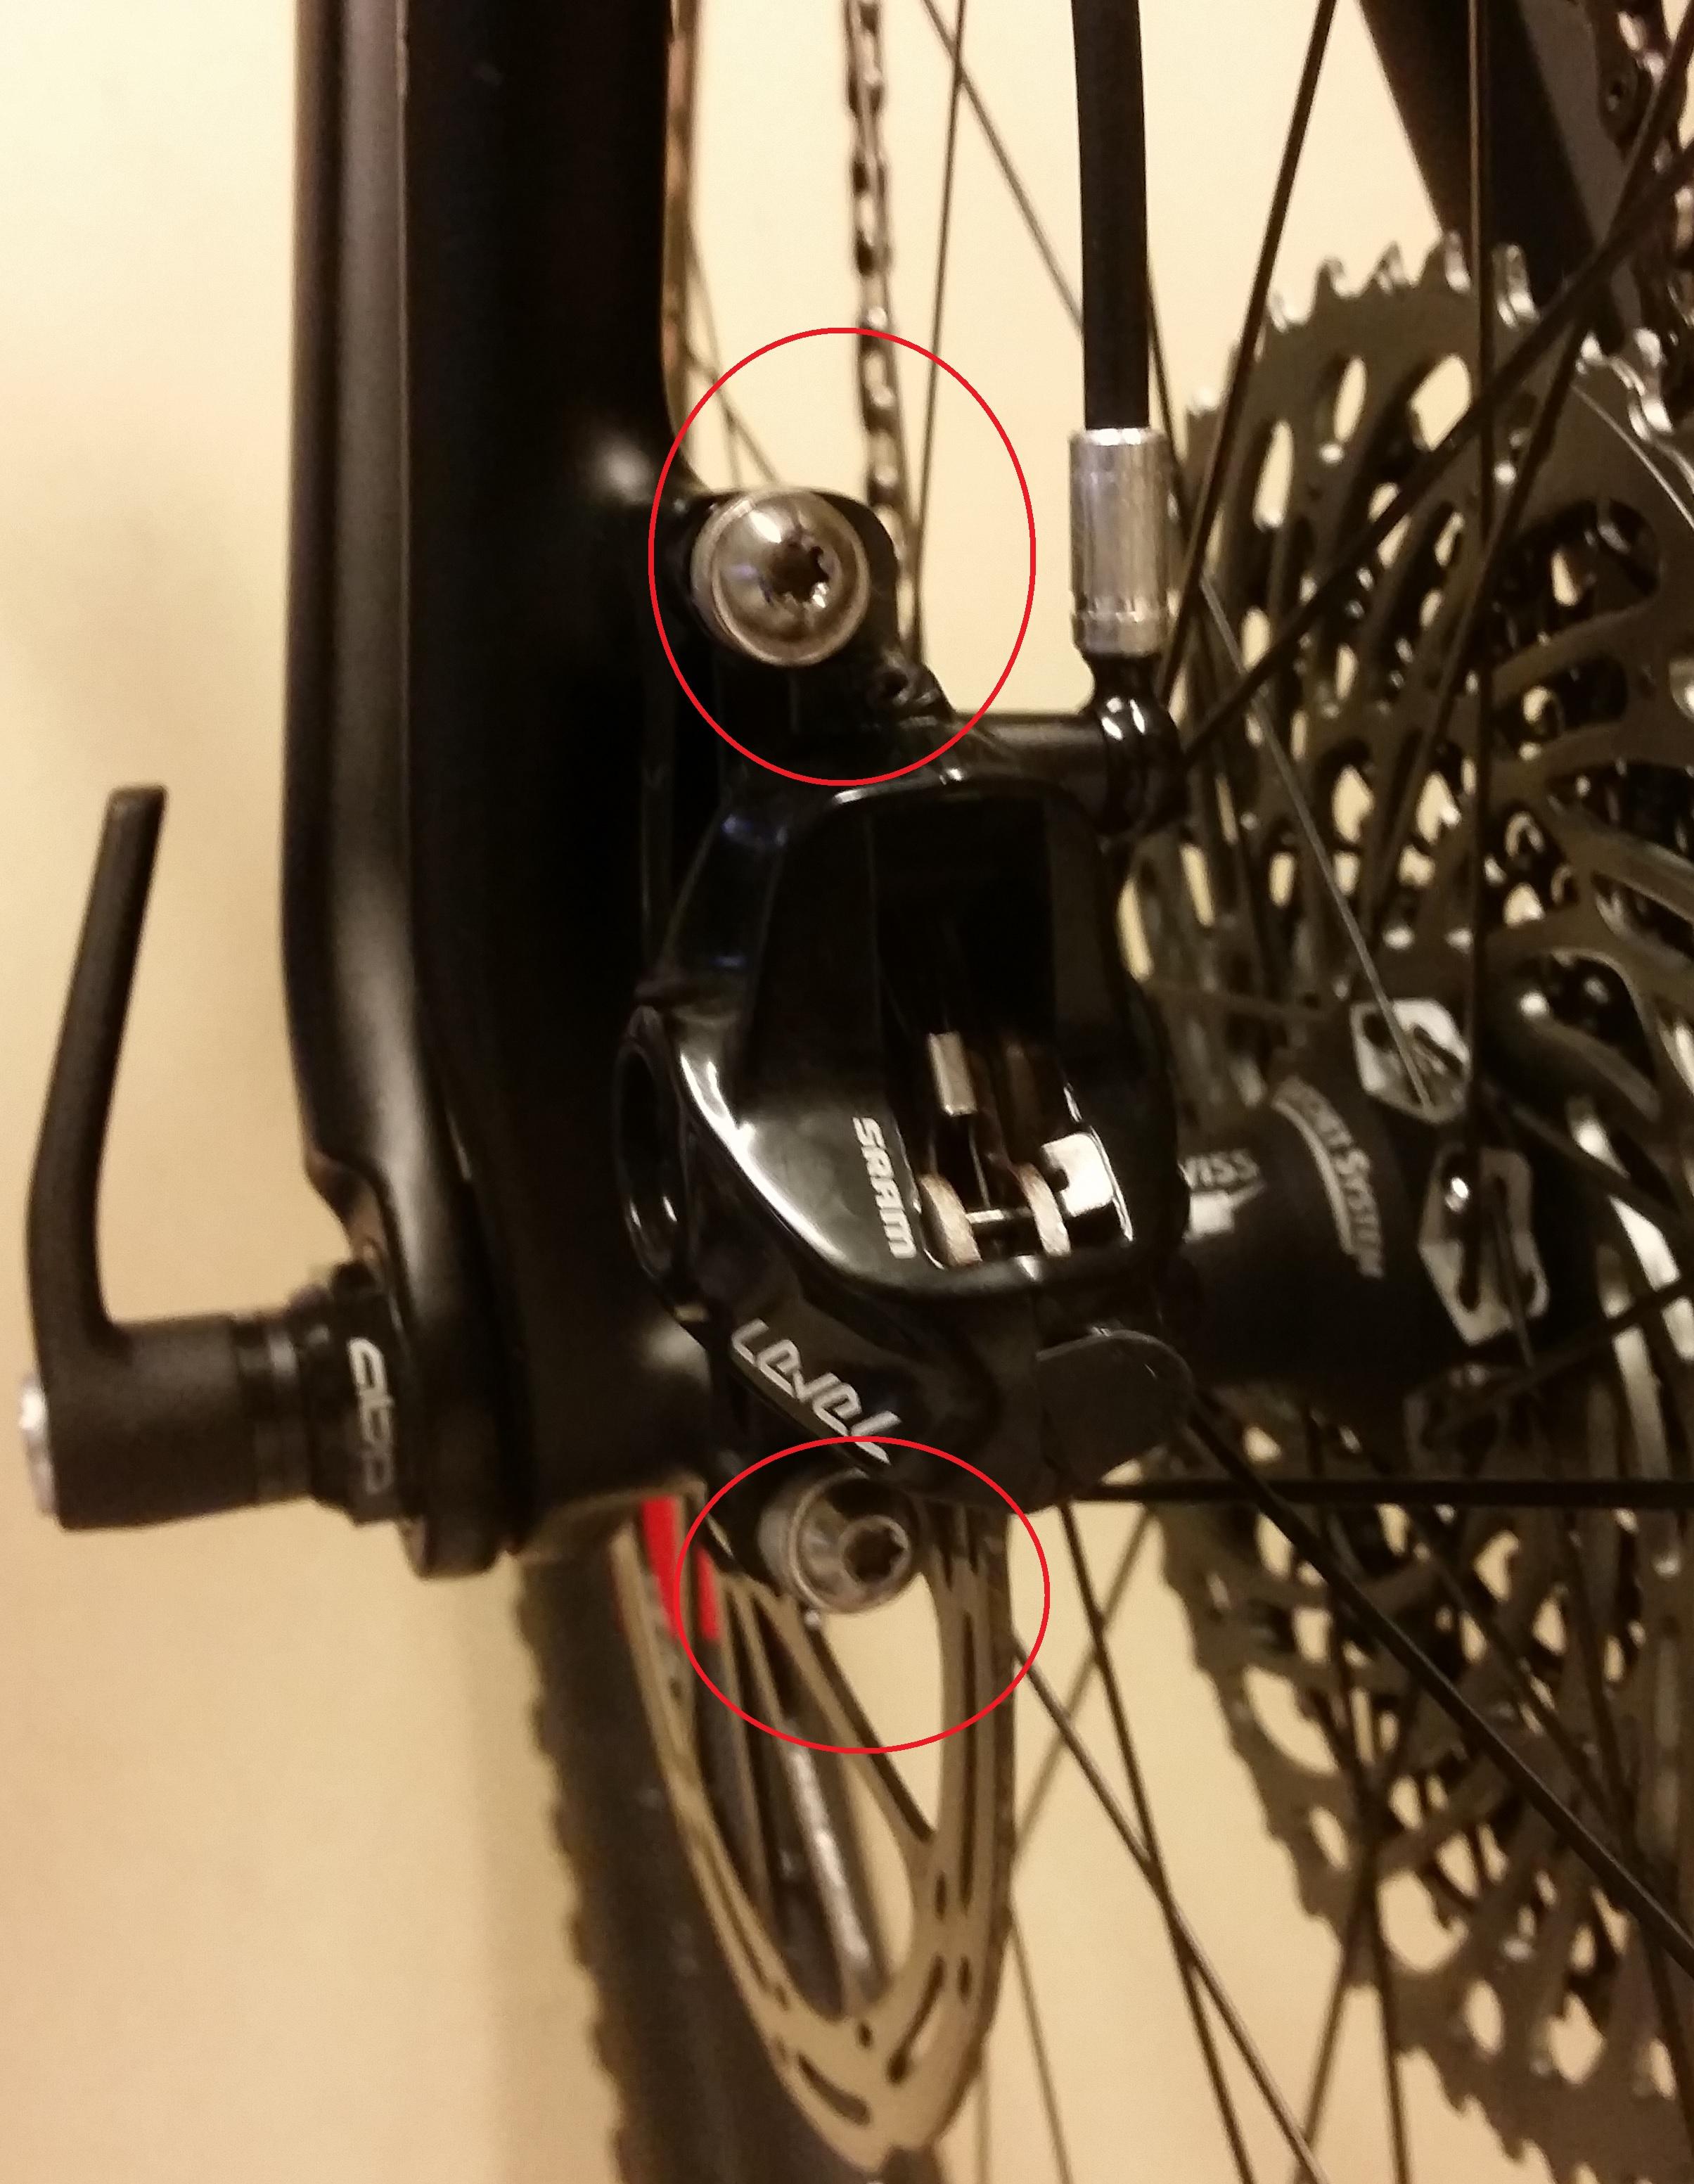 Sykkelmontering- Hvordan sette opp egen sykkel?